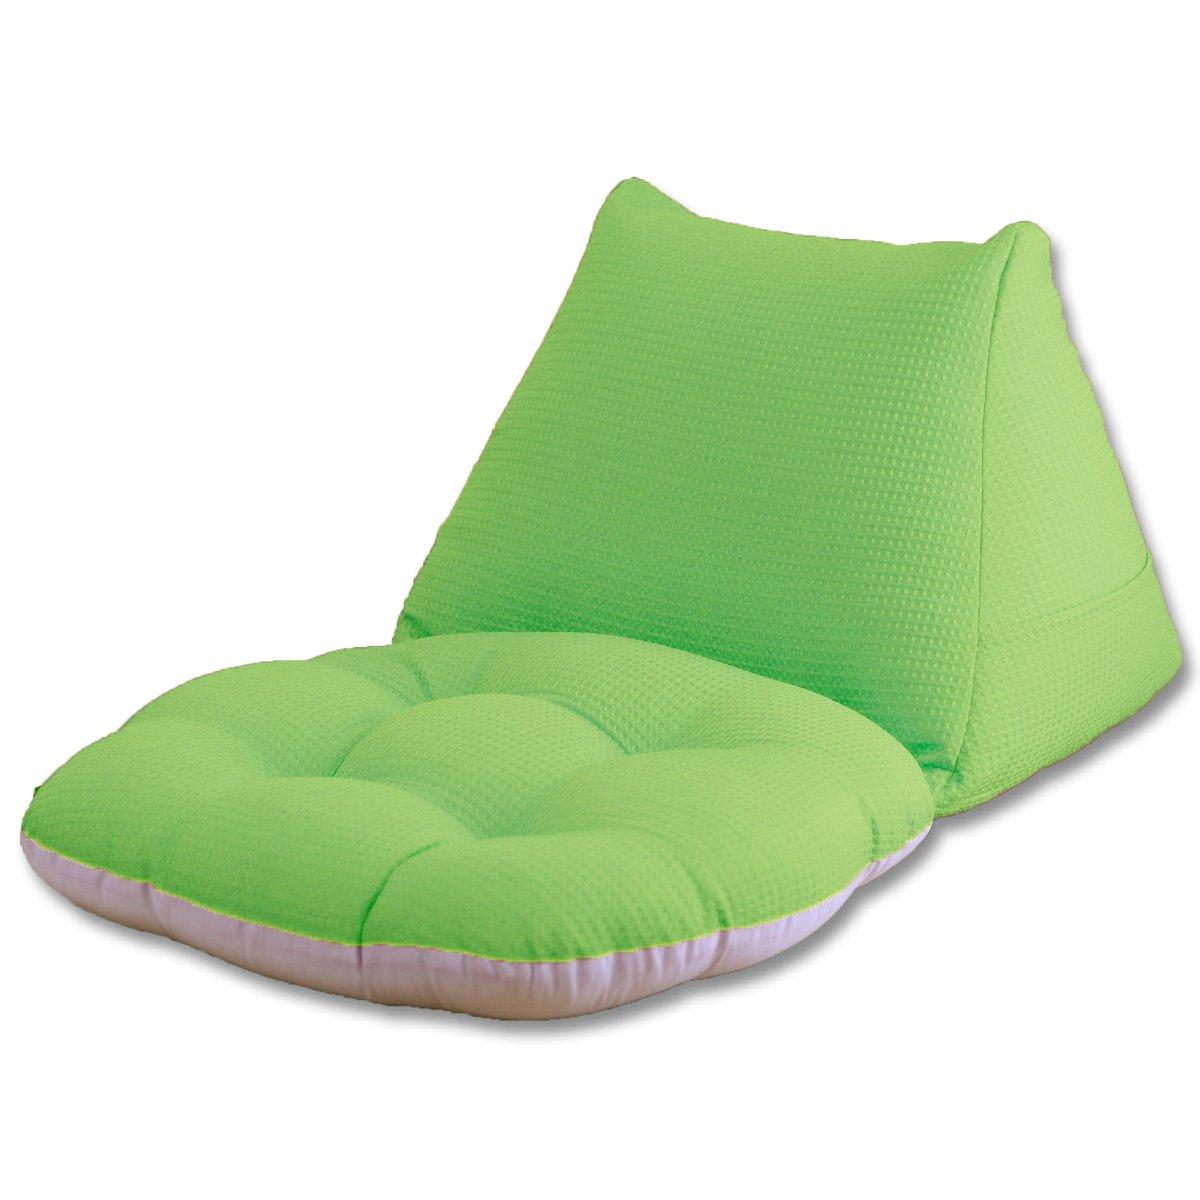 ビーズクッション シート付 BIG こたつ 座卓用 (グリーン) B079GP1YZM グリーン グリーン